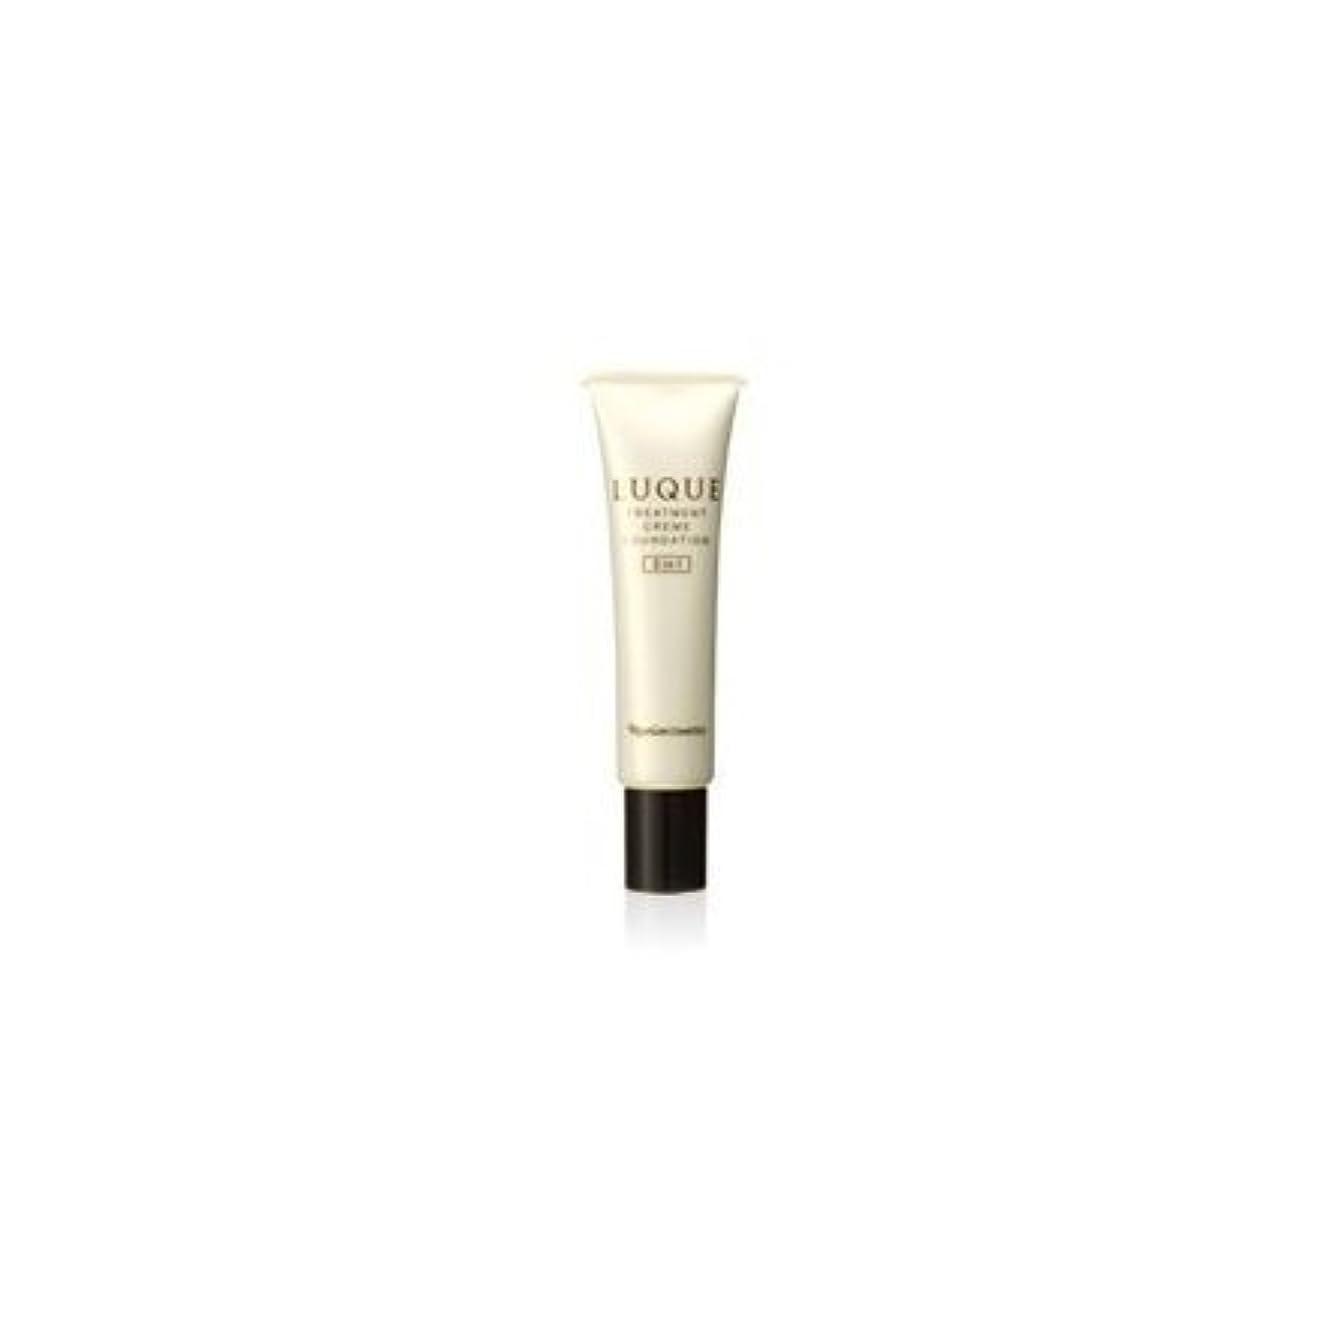 潜在的な断線情熱ナリス化粧品ルクエトリートメントクリームファンデーション 25g SPF17 PA++02ナチュラル